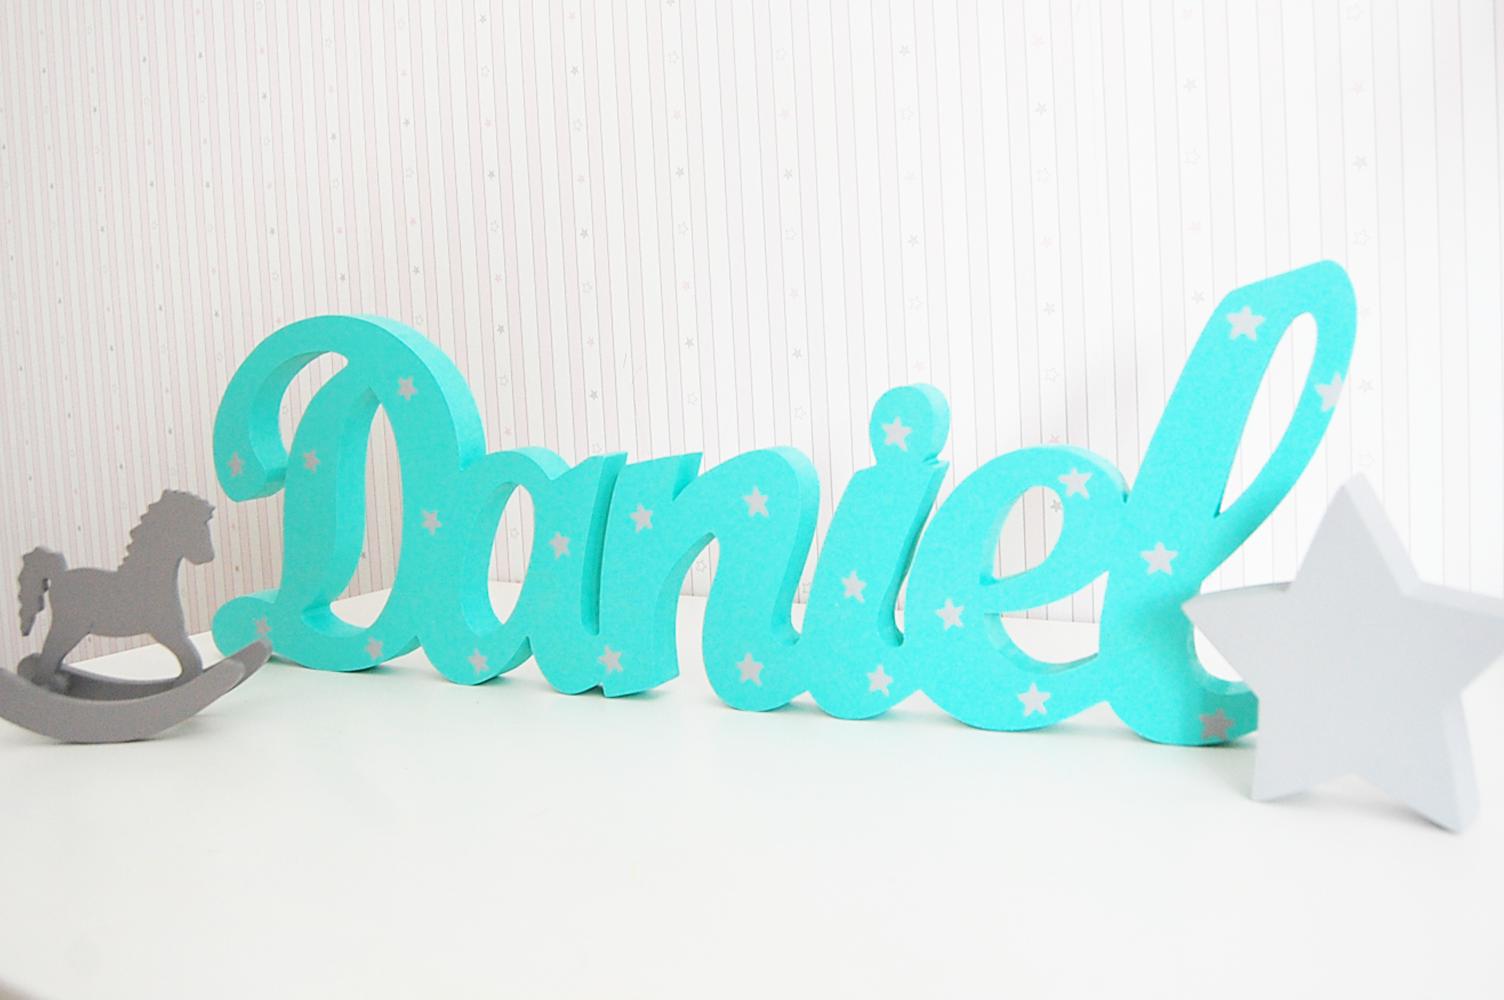 letras de madera frases de madera letras decorativas juguetines - Letras Decorativas